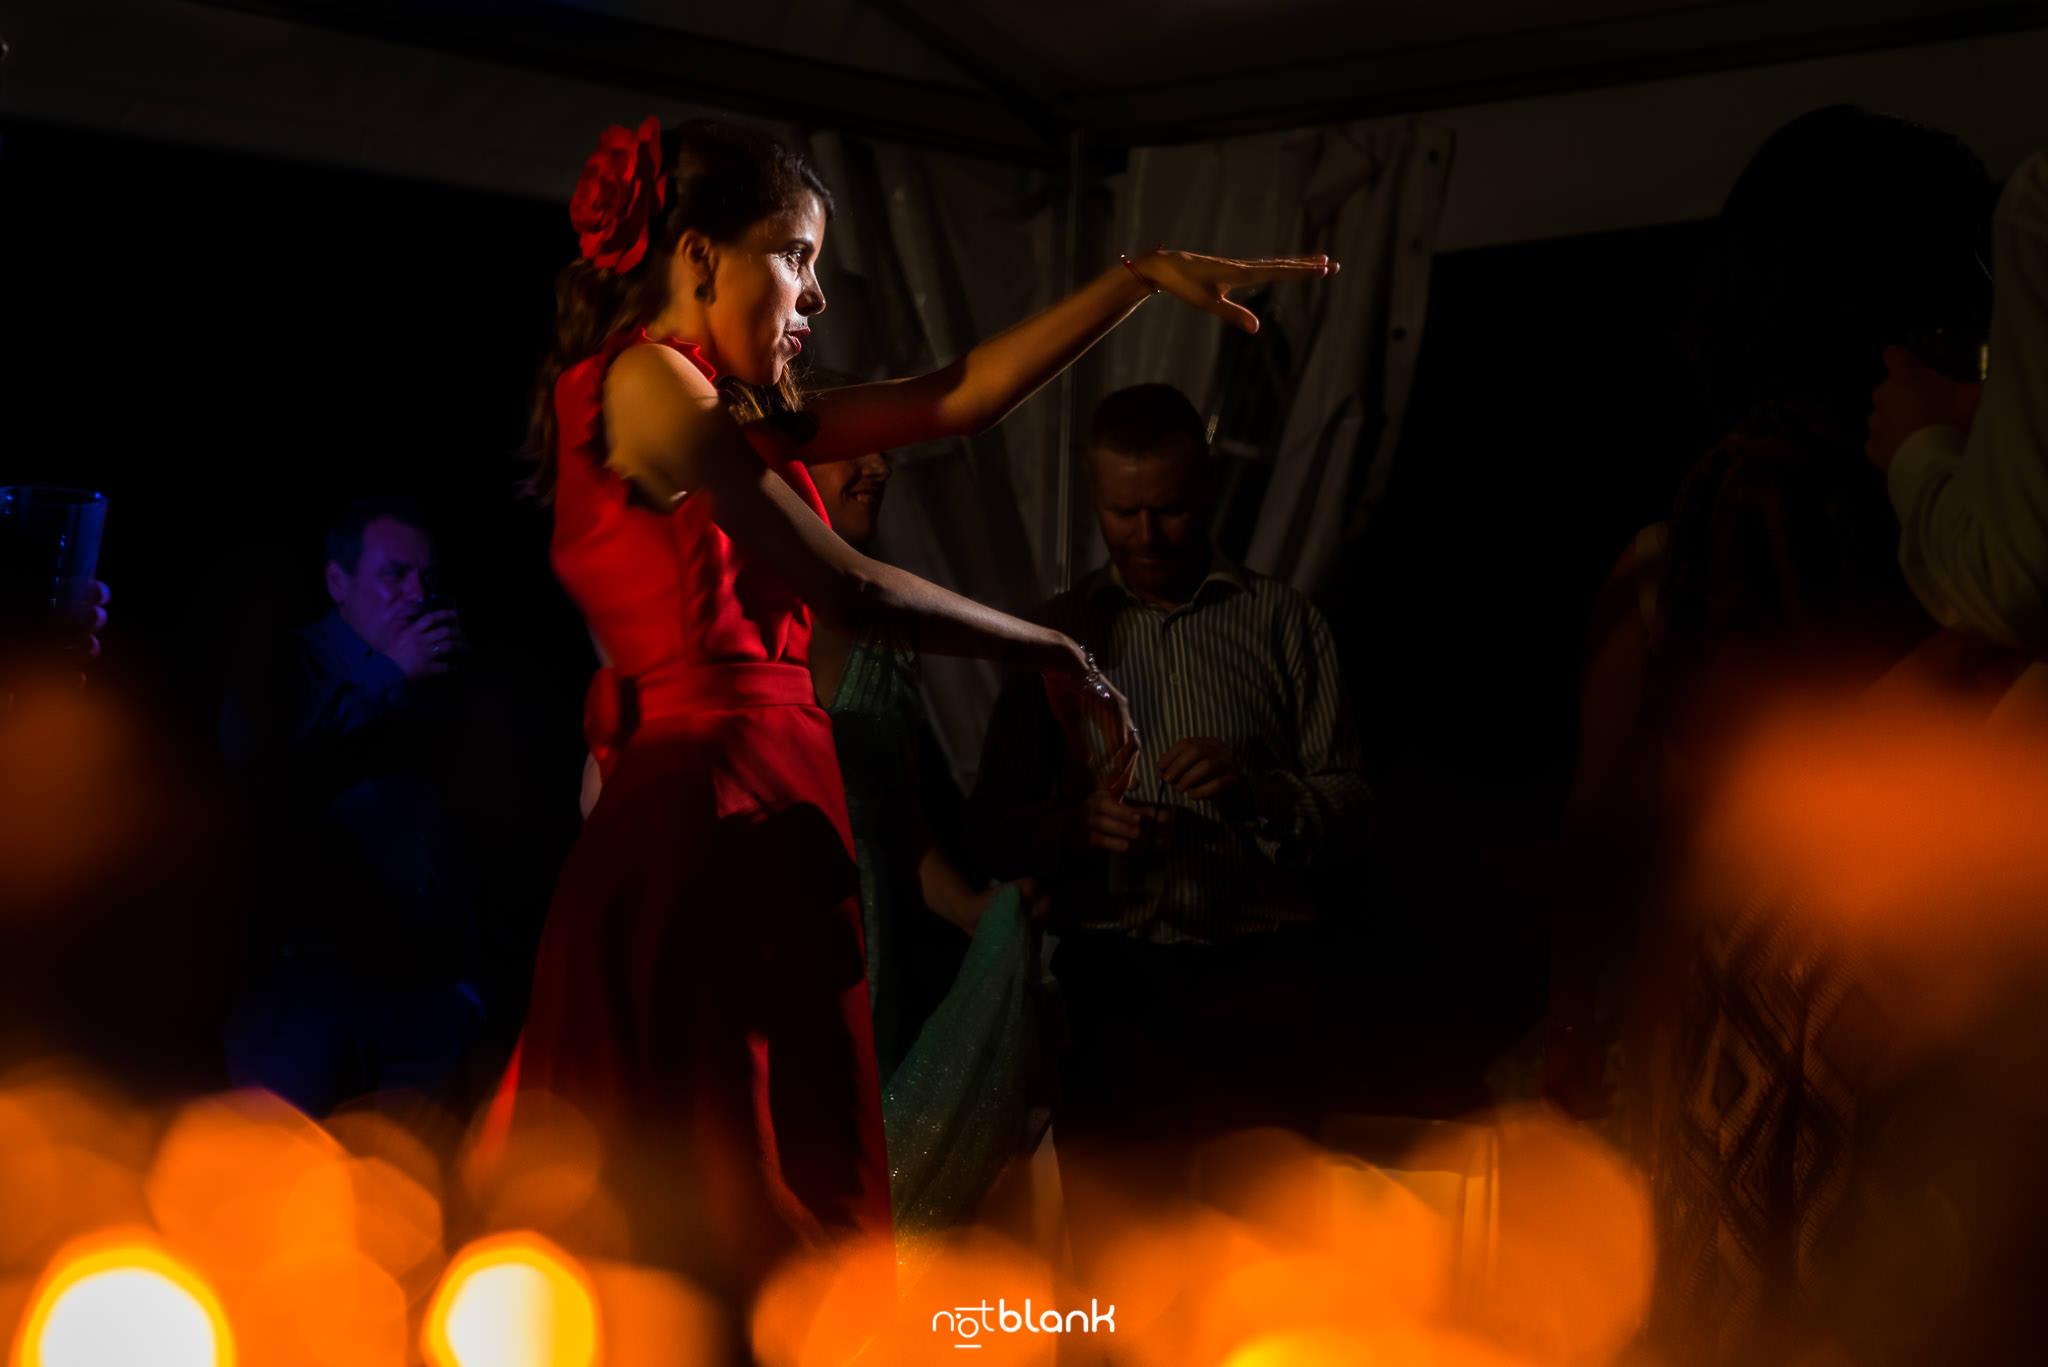 Boda En El Jardin De Casa Jana y Fran - La hermana de la novia baile con los brazos en alto durante la fiesta - Notblank Fotografos de boda